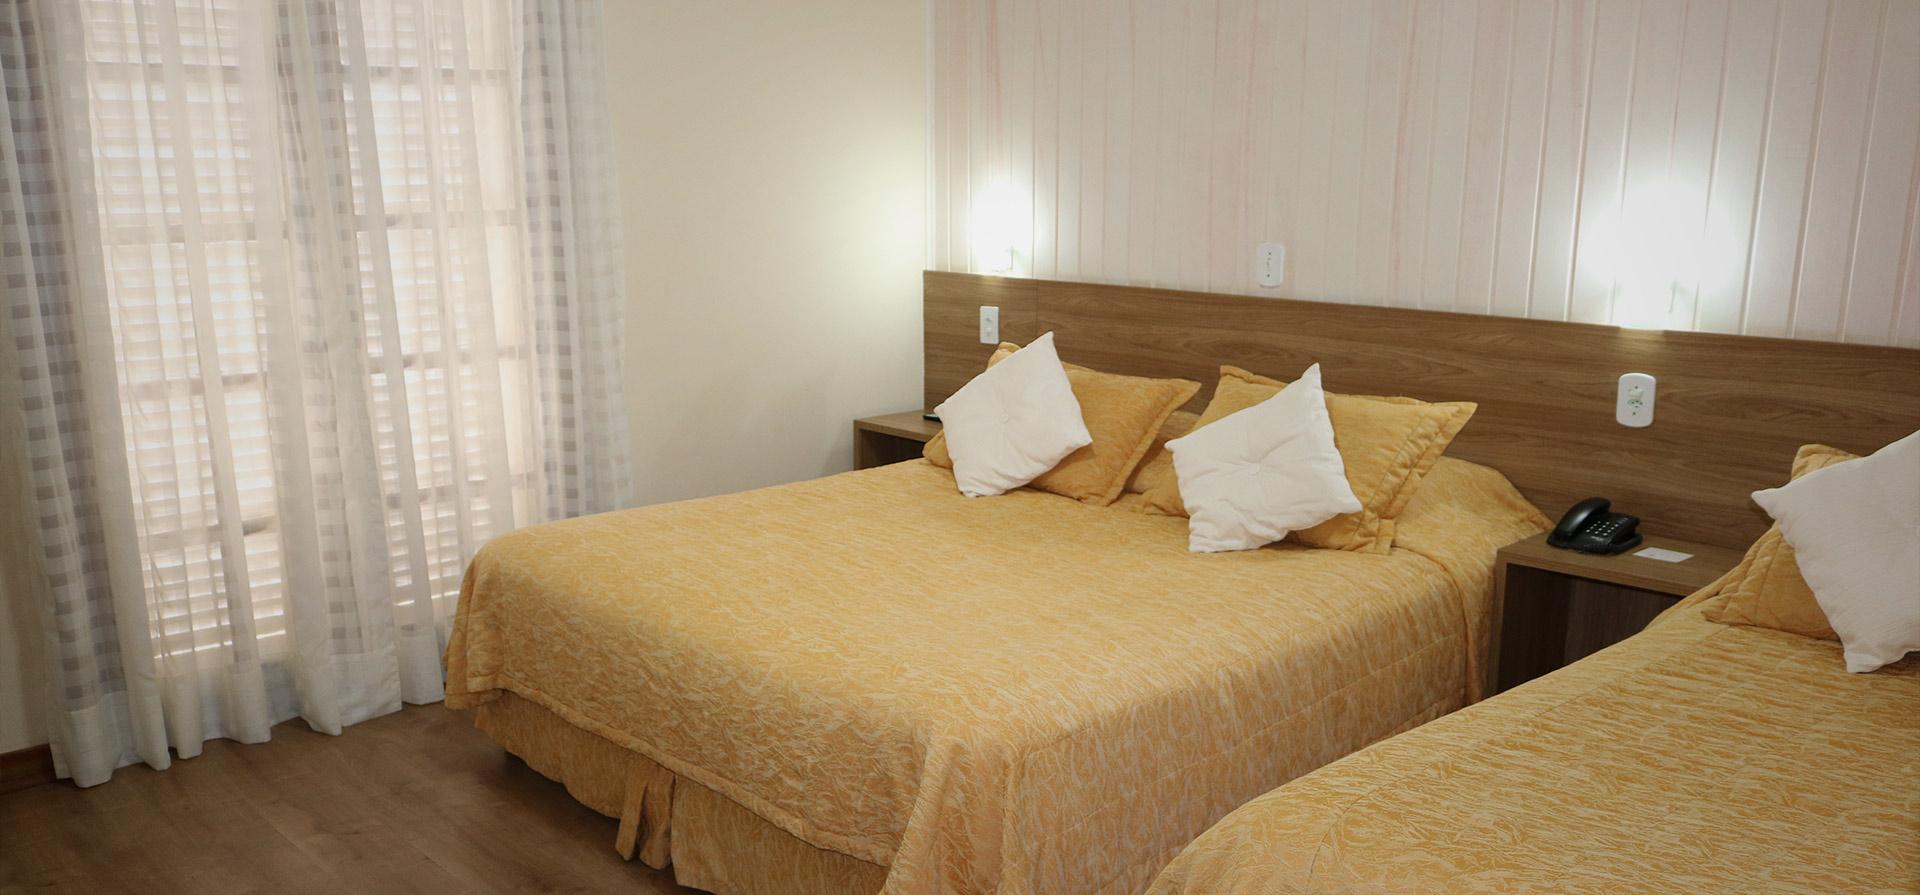 Quarto Hotel em Campos do Jordão Capivari